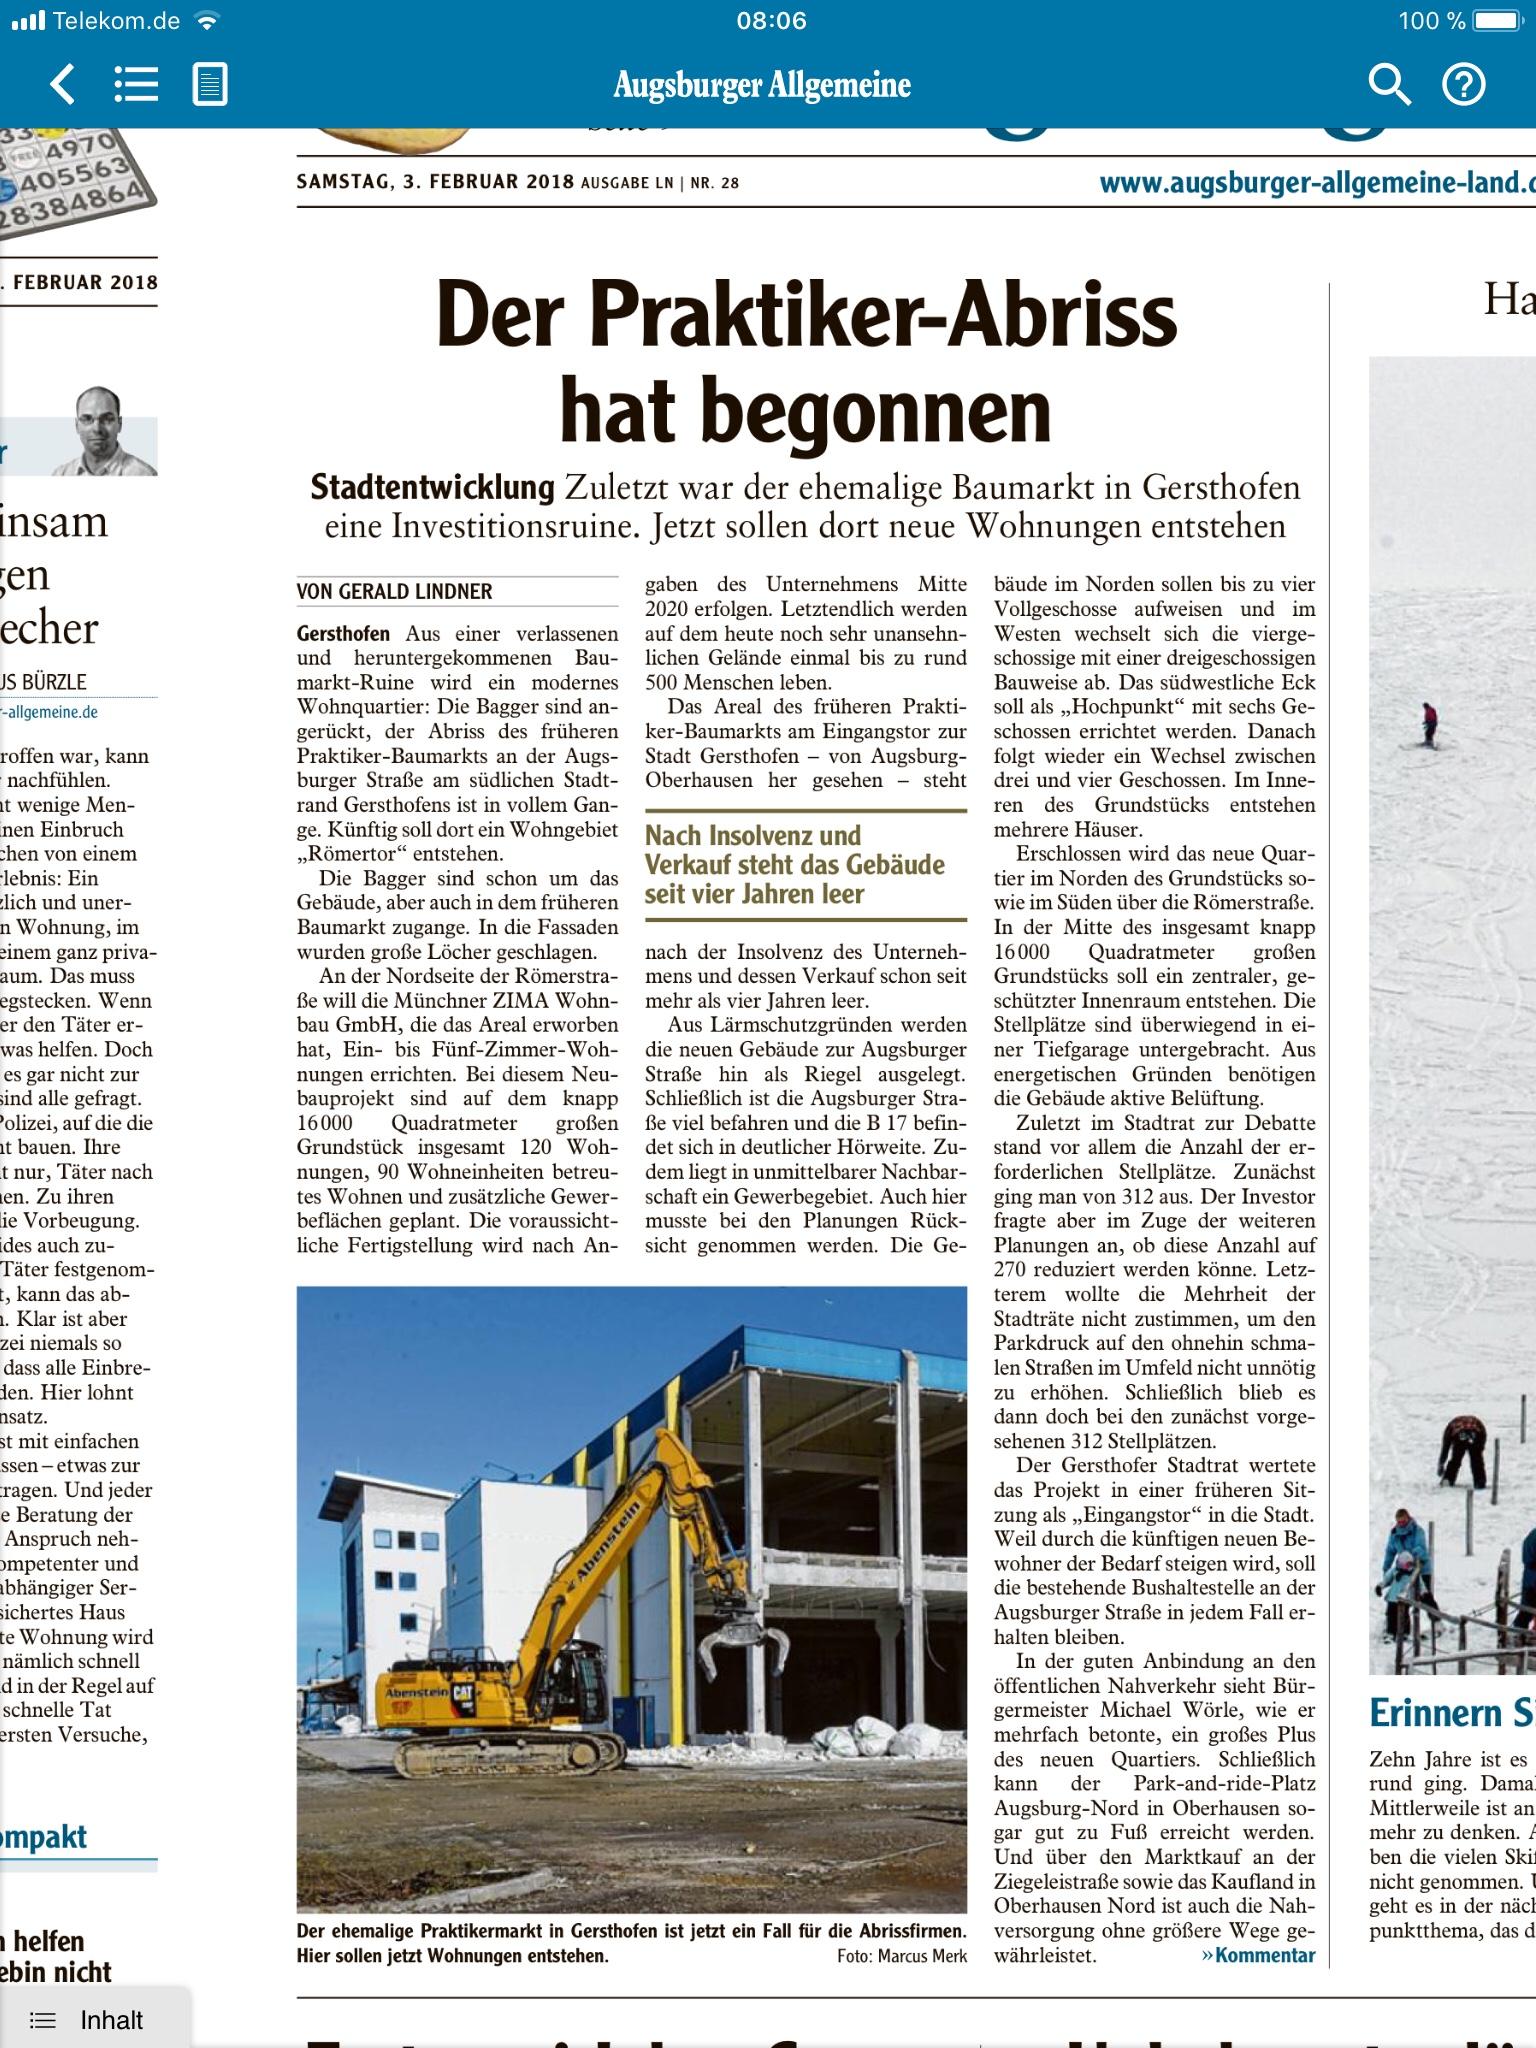 Praktiker Gersthofen - Holzmann-Bauberatung